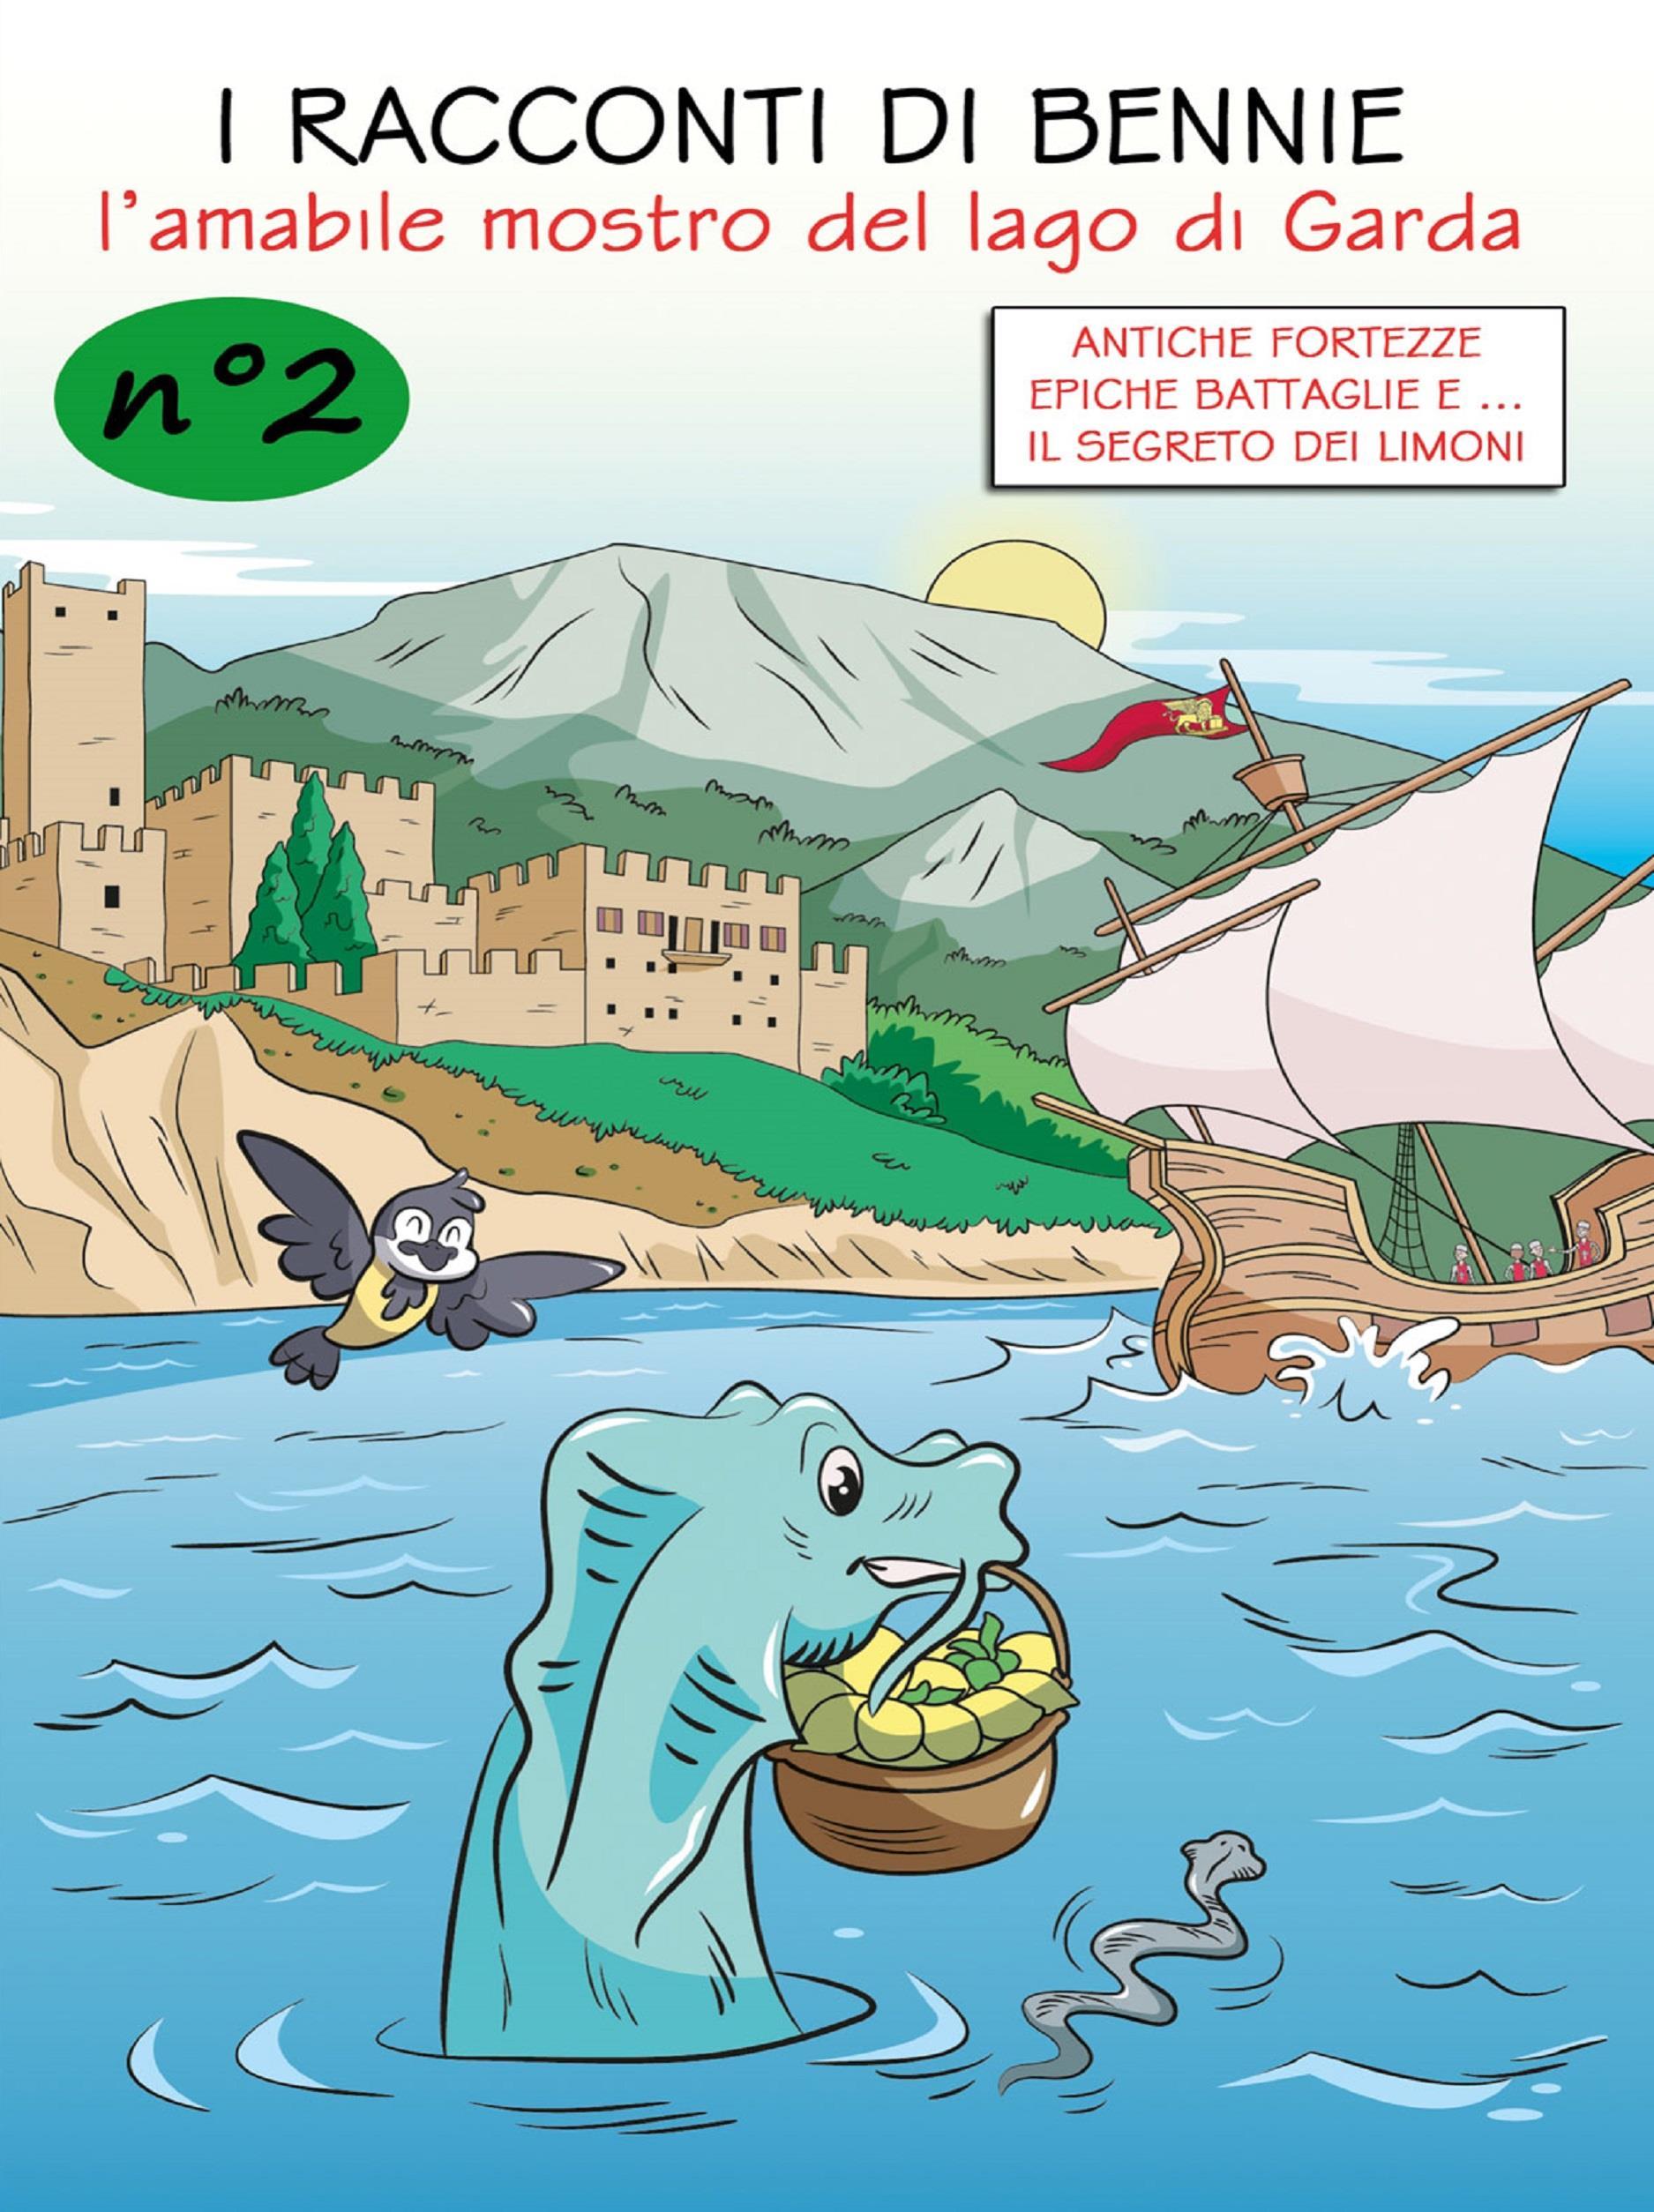 I racconti di Bennie, l'amabile mostro del lago di Garda - N. 2 - Antiche fortezze, epiche battaglie e il segreto dei limoni